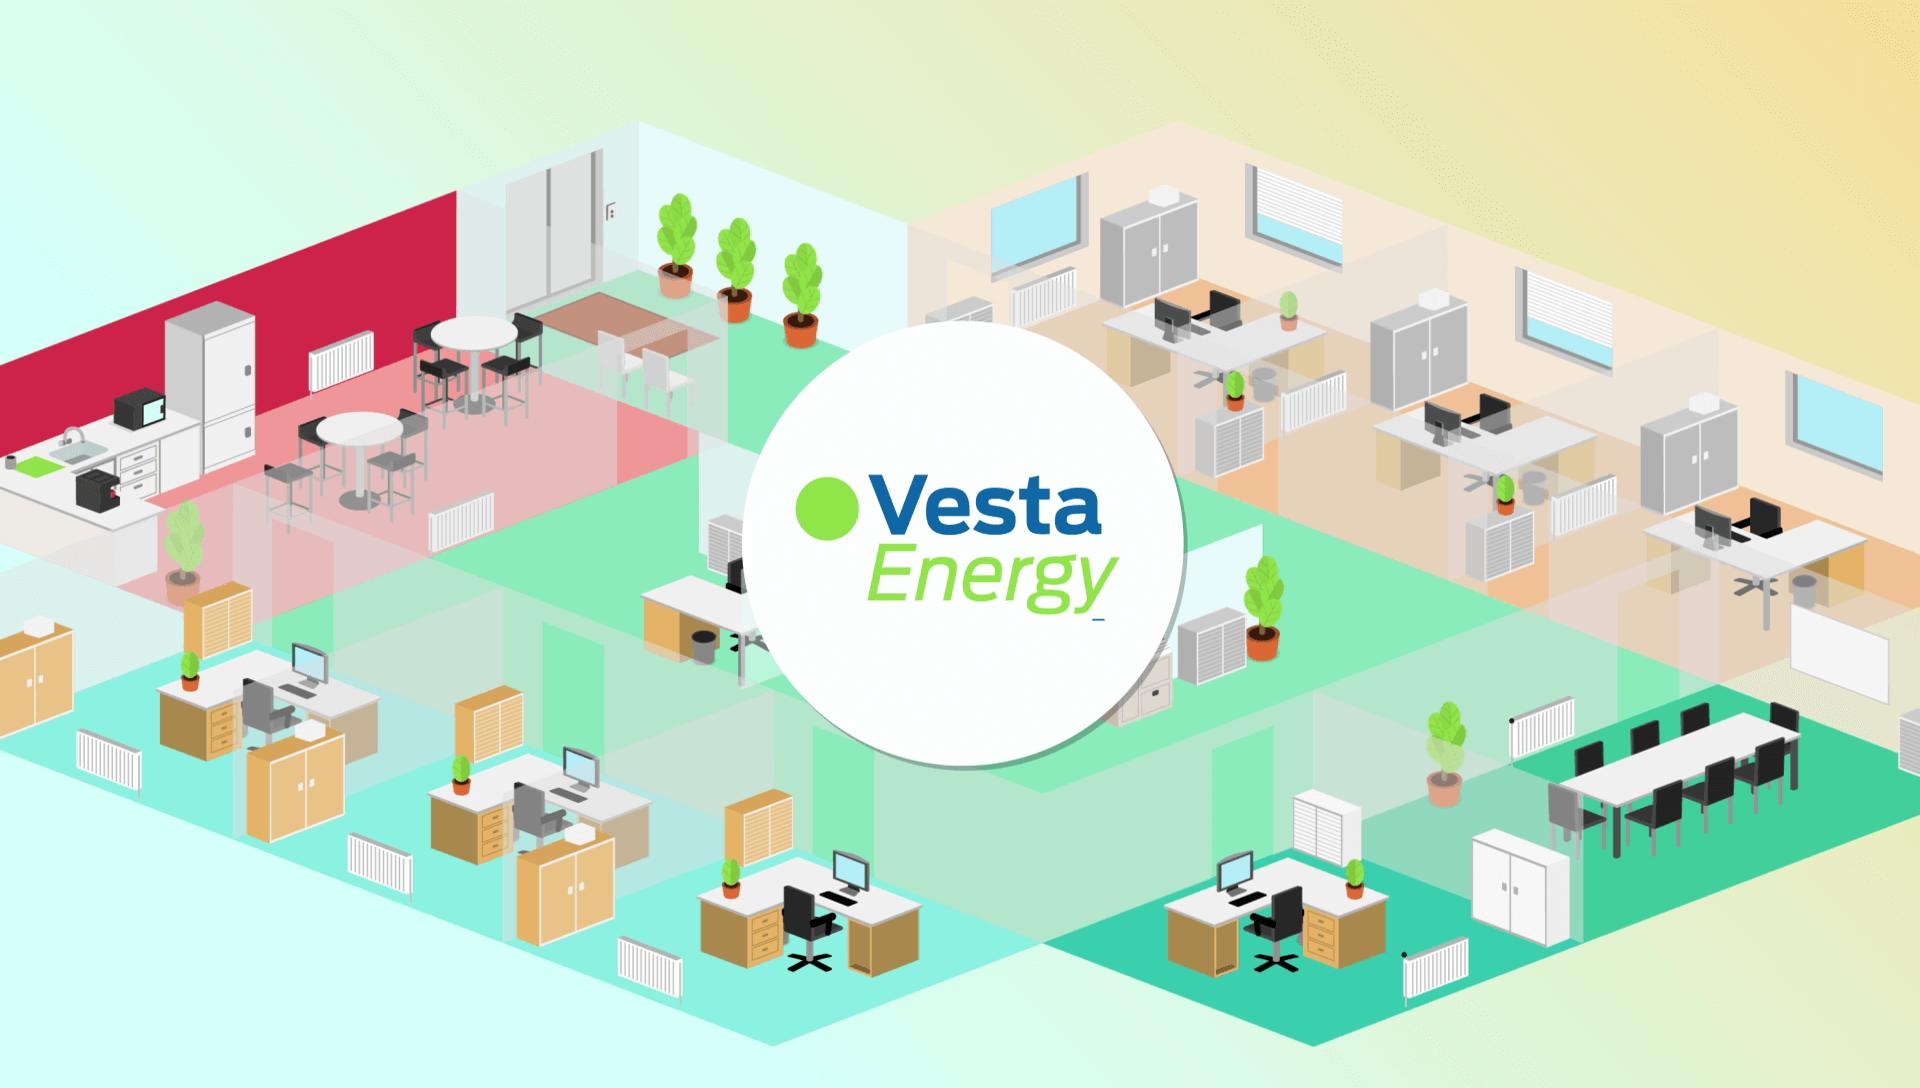 Motion design Vesta Energy